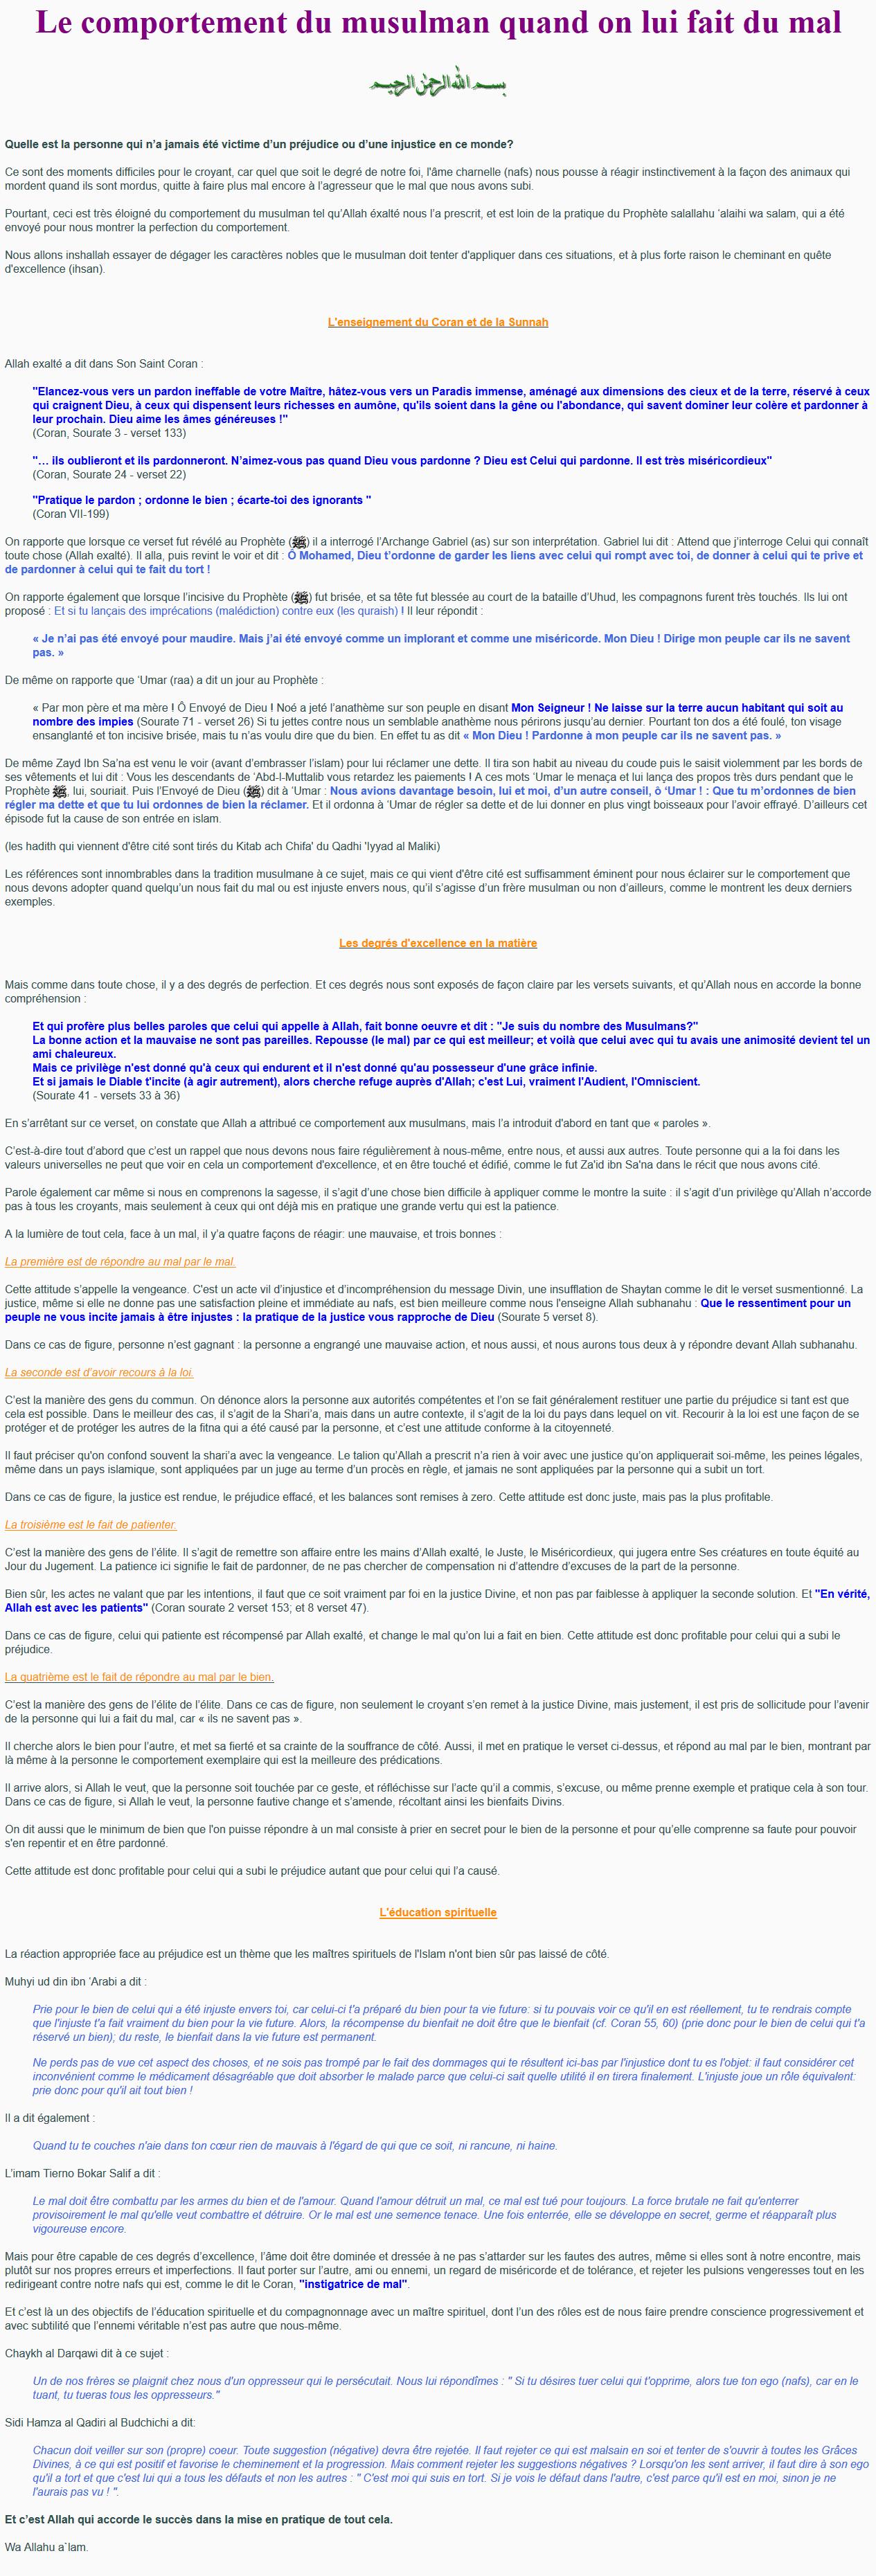 Présentation de l'Islam par un musulman - Page 5 7035444612